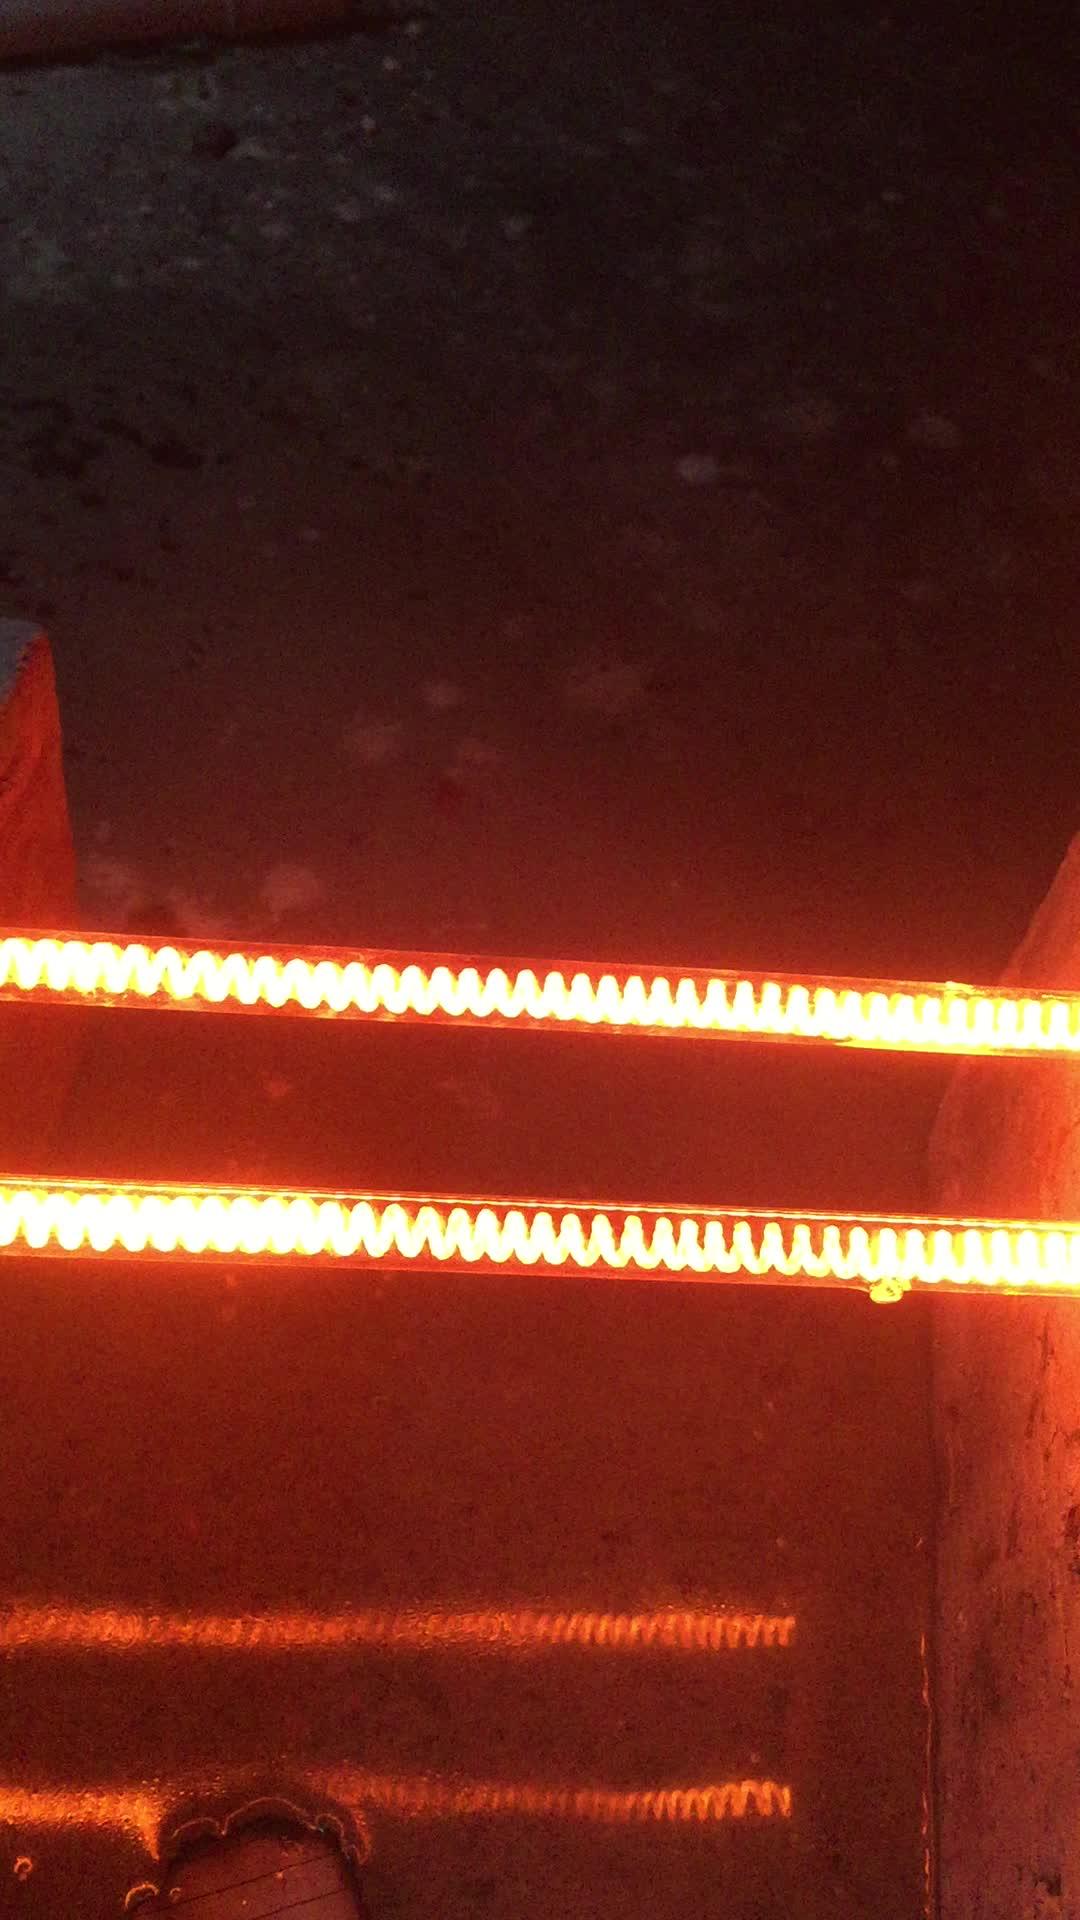 Subtransparent Electric Infrared Quartz Heater Tube 400W